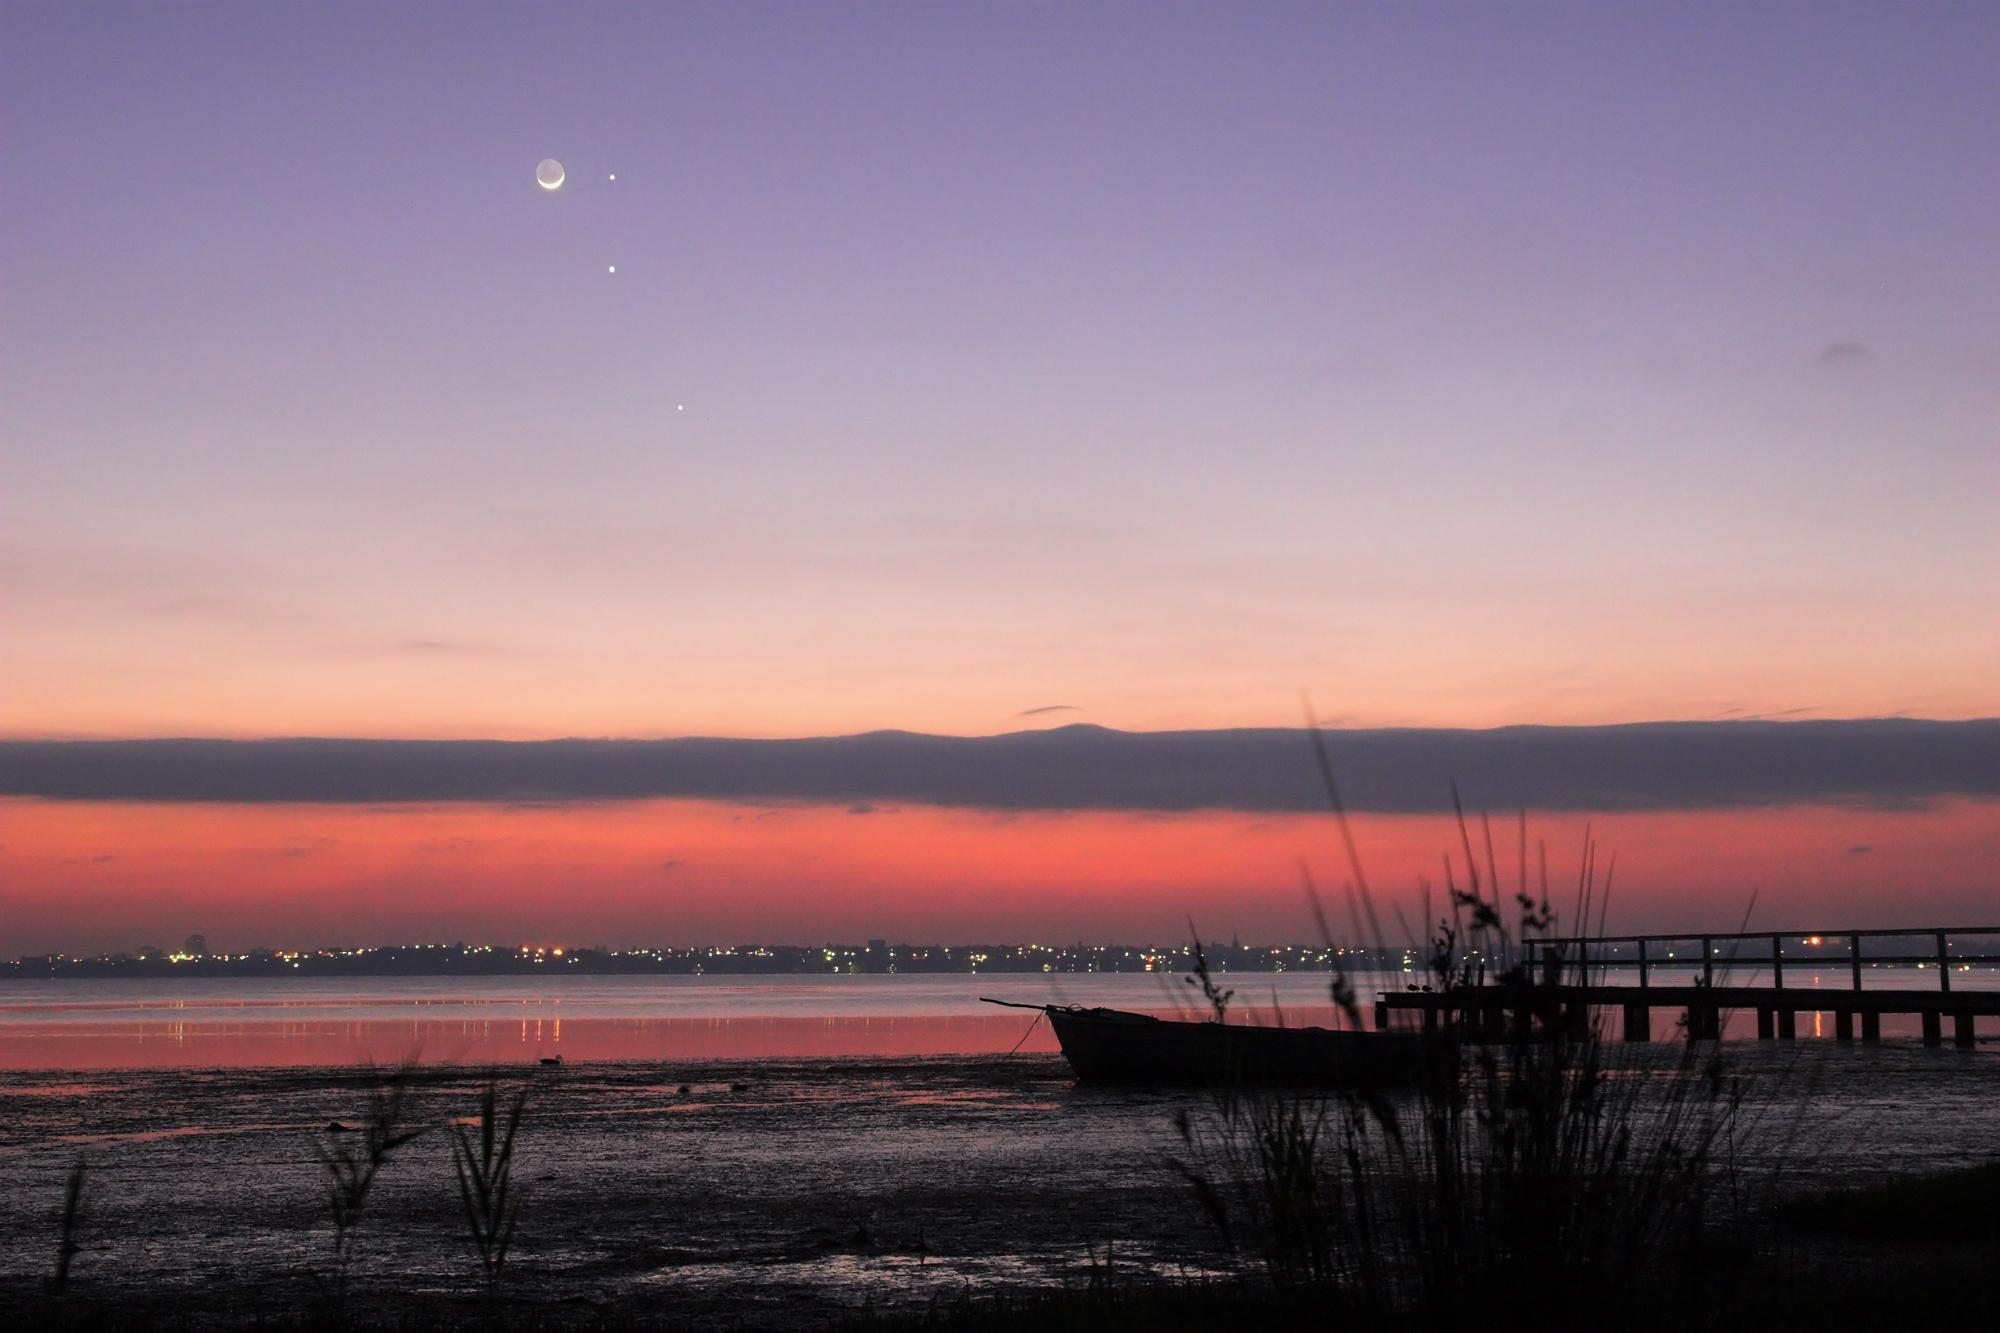 Lua, Mercúrio, Júpiter e Marte em conjunção.  Imagem capturada por Mike Salway© em 23 de fevereiro de 2009.